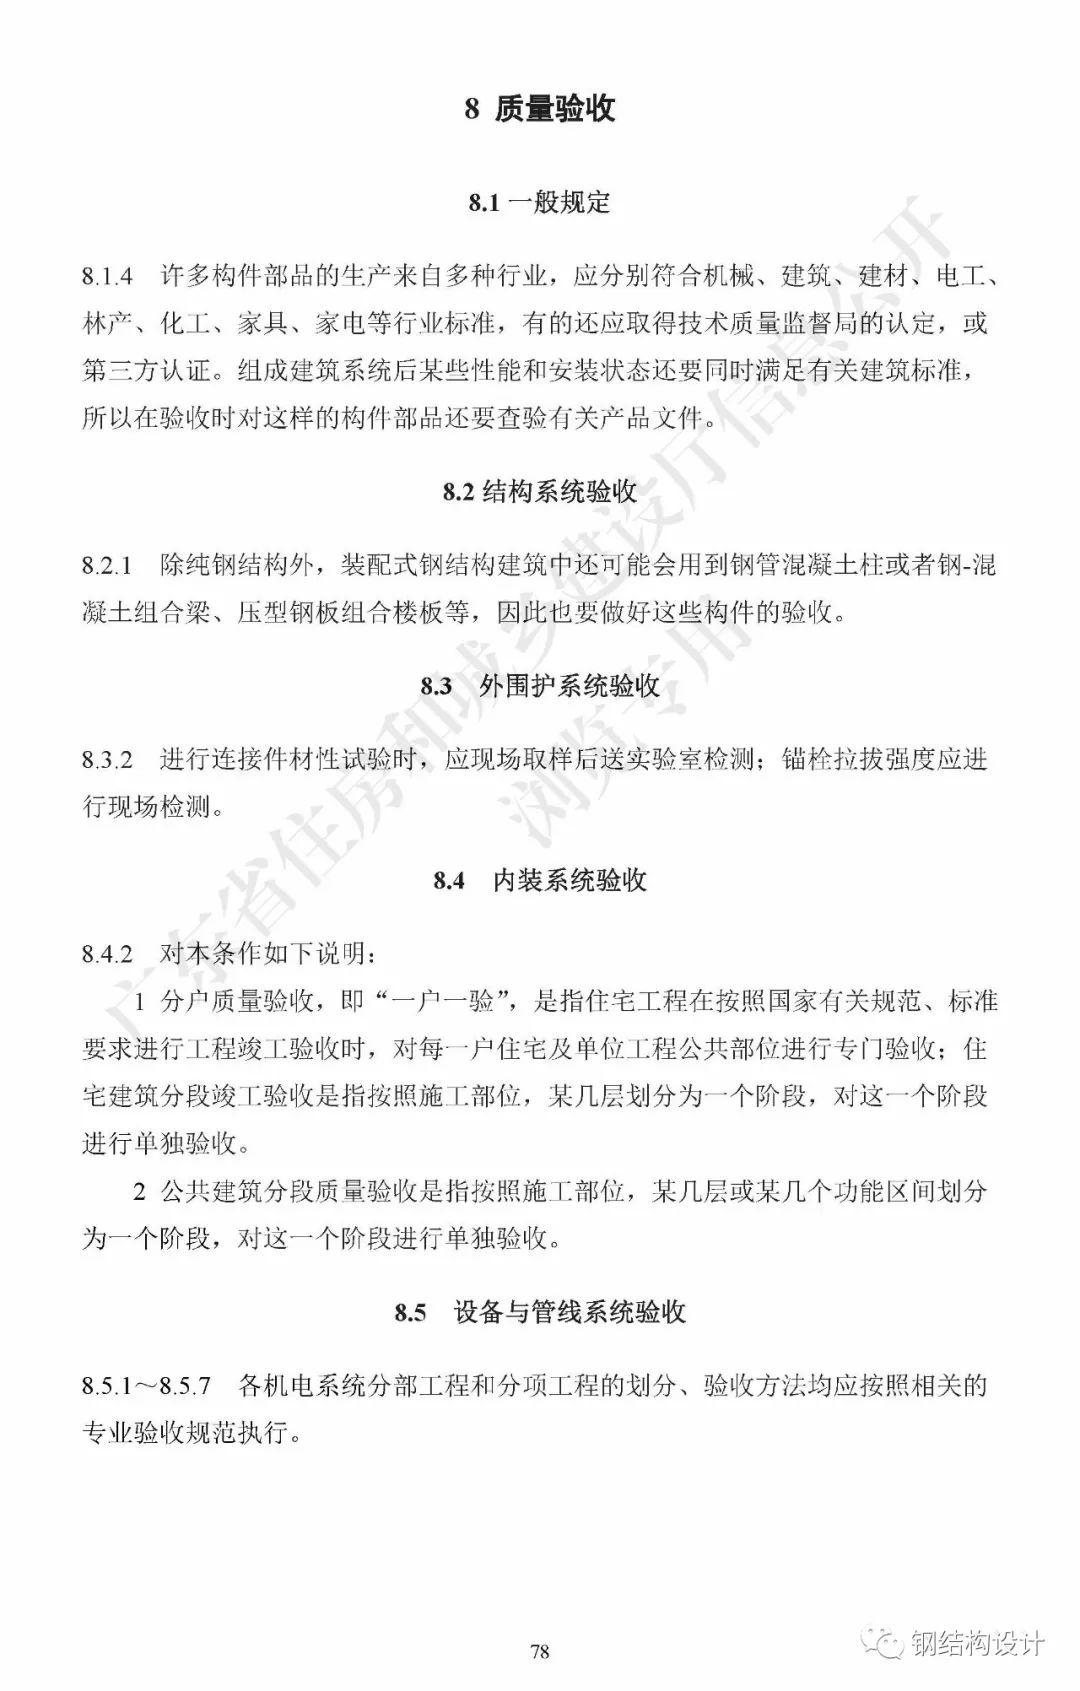 广东省《装配式钢结构建筑技术规程》发布_88